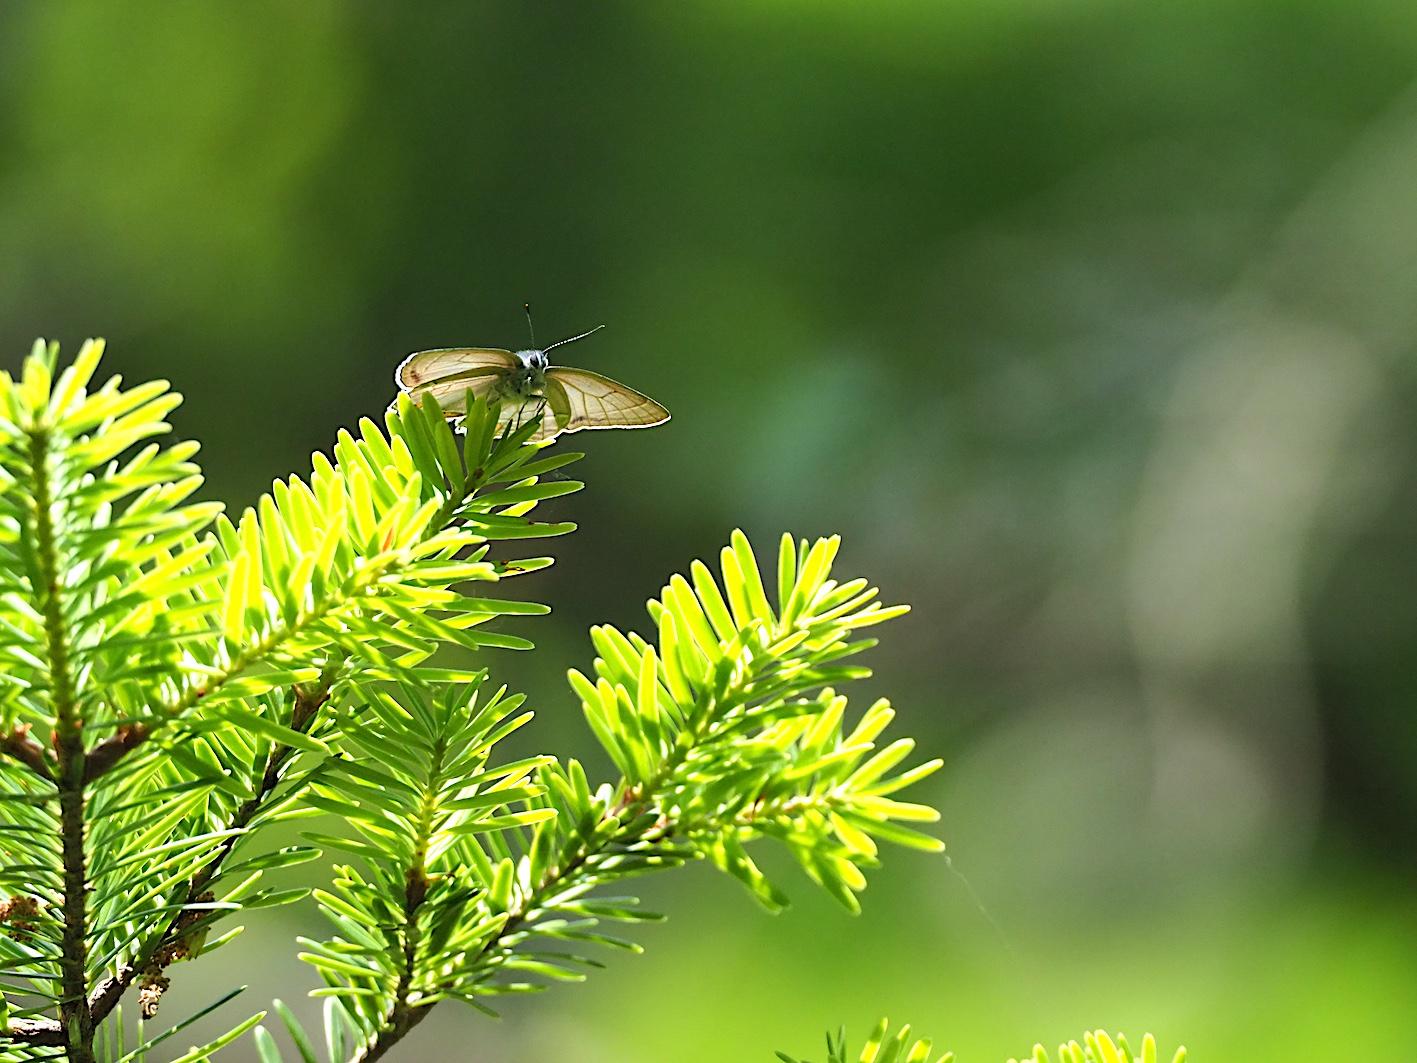 オオミドリシジミの開翅シーン(2019年6月10日)_d0303129_7202092.jpg